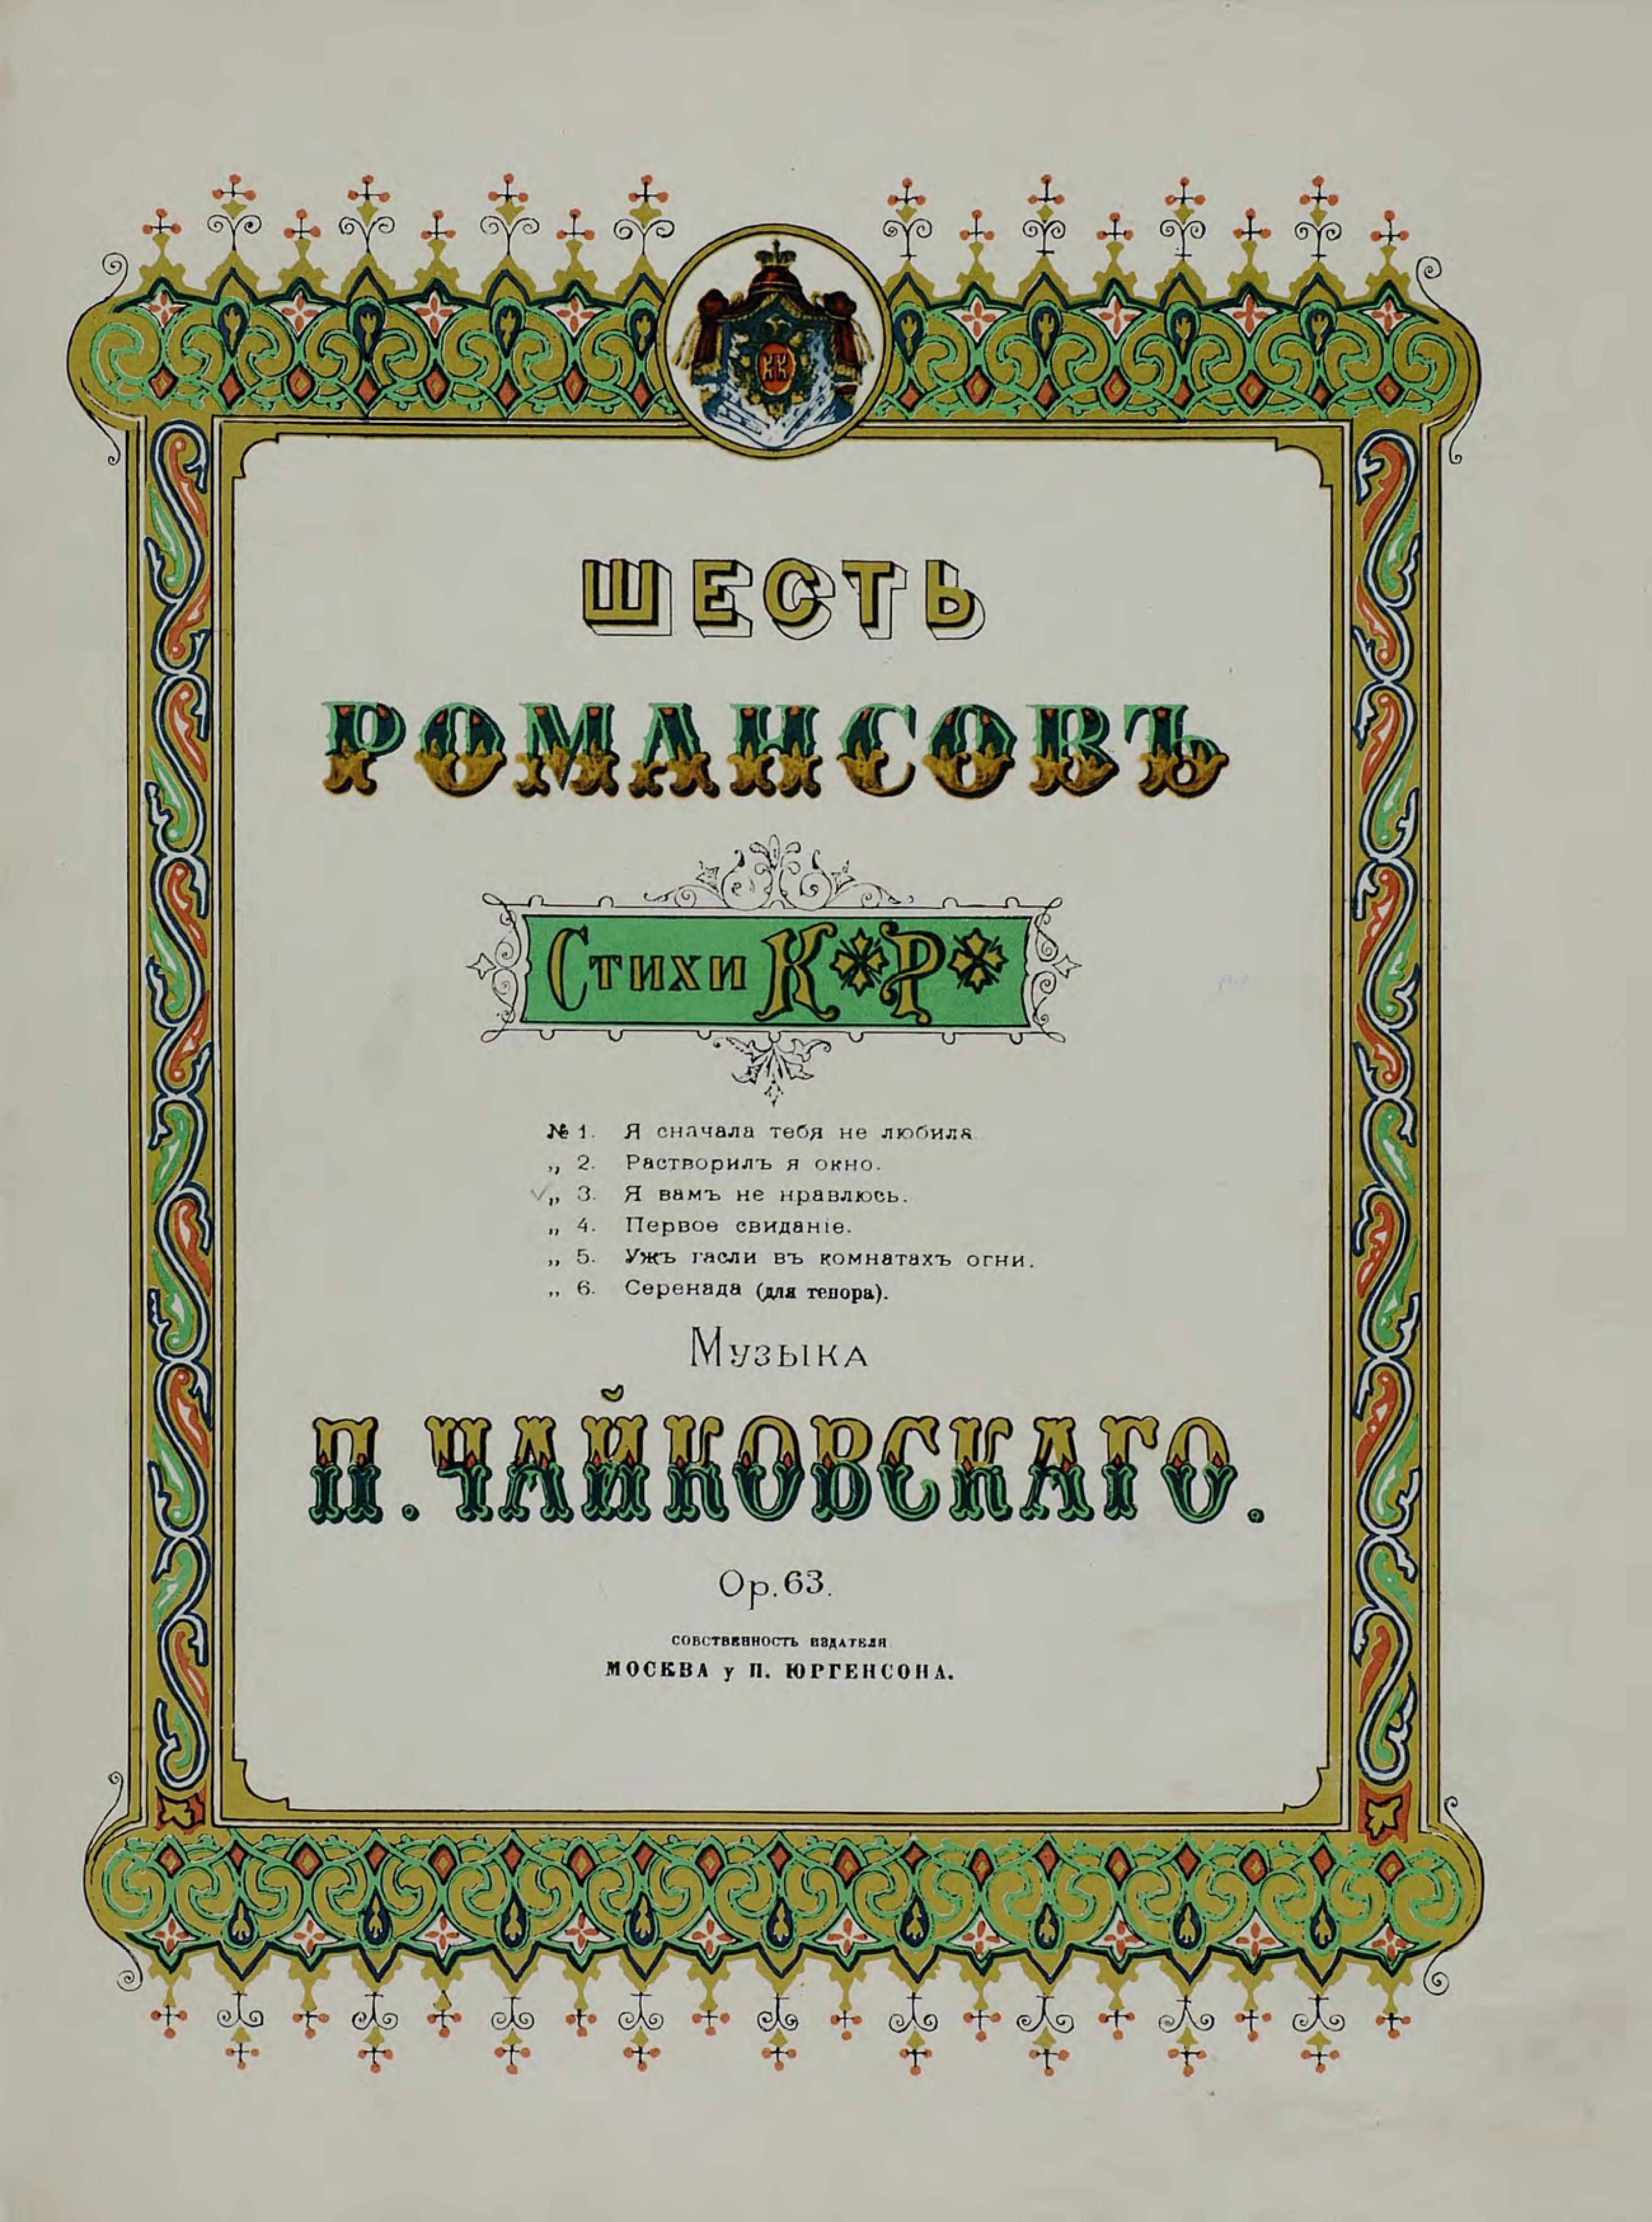 Петр Ильич Чайковский Шесть романсов николай александрович соколов шесть романсов для пения виолончели и фортепиано